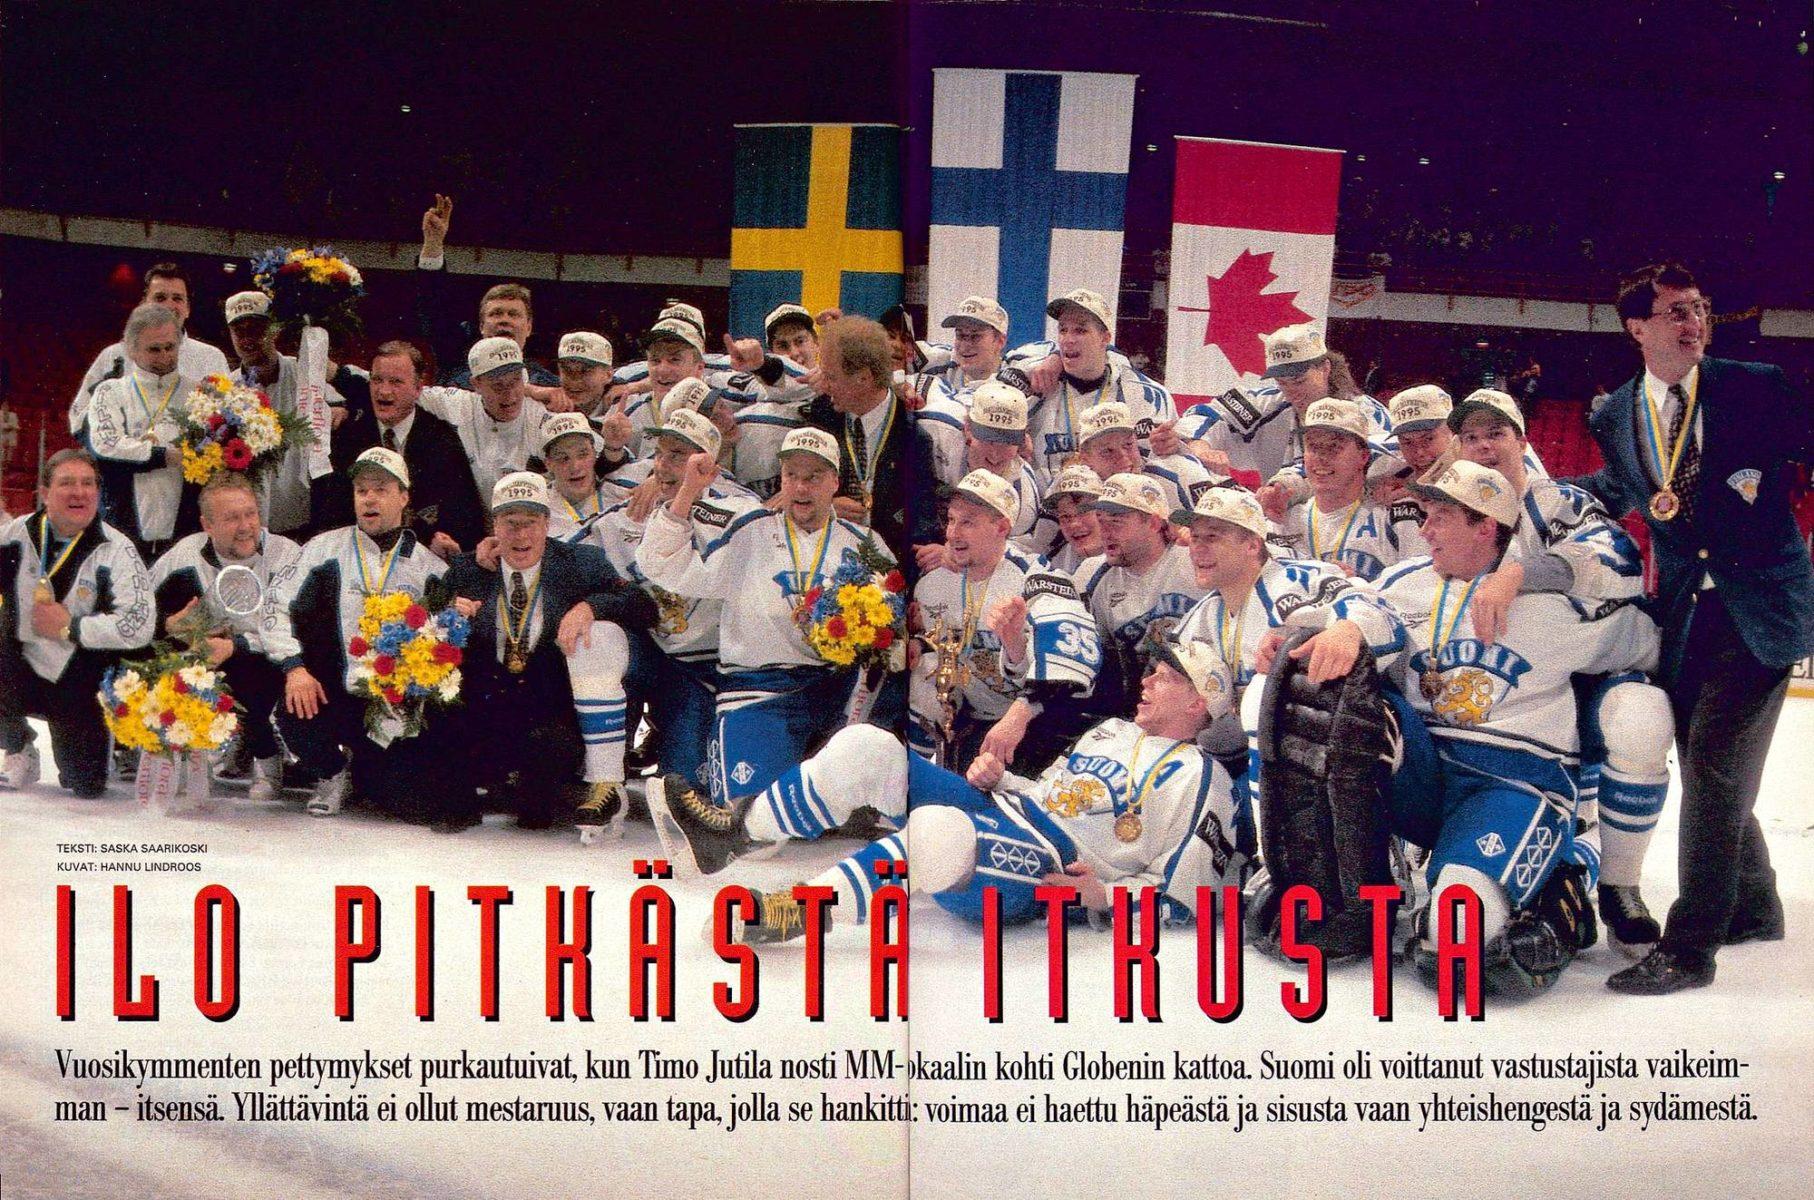 """SK 19/1995 (12.5.1995) Saska Saarikoski: """"Ilo pitkästä itkusta."""" Kuva: Hannu Lindroos."""